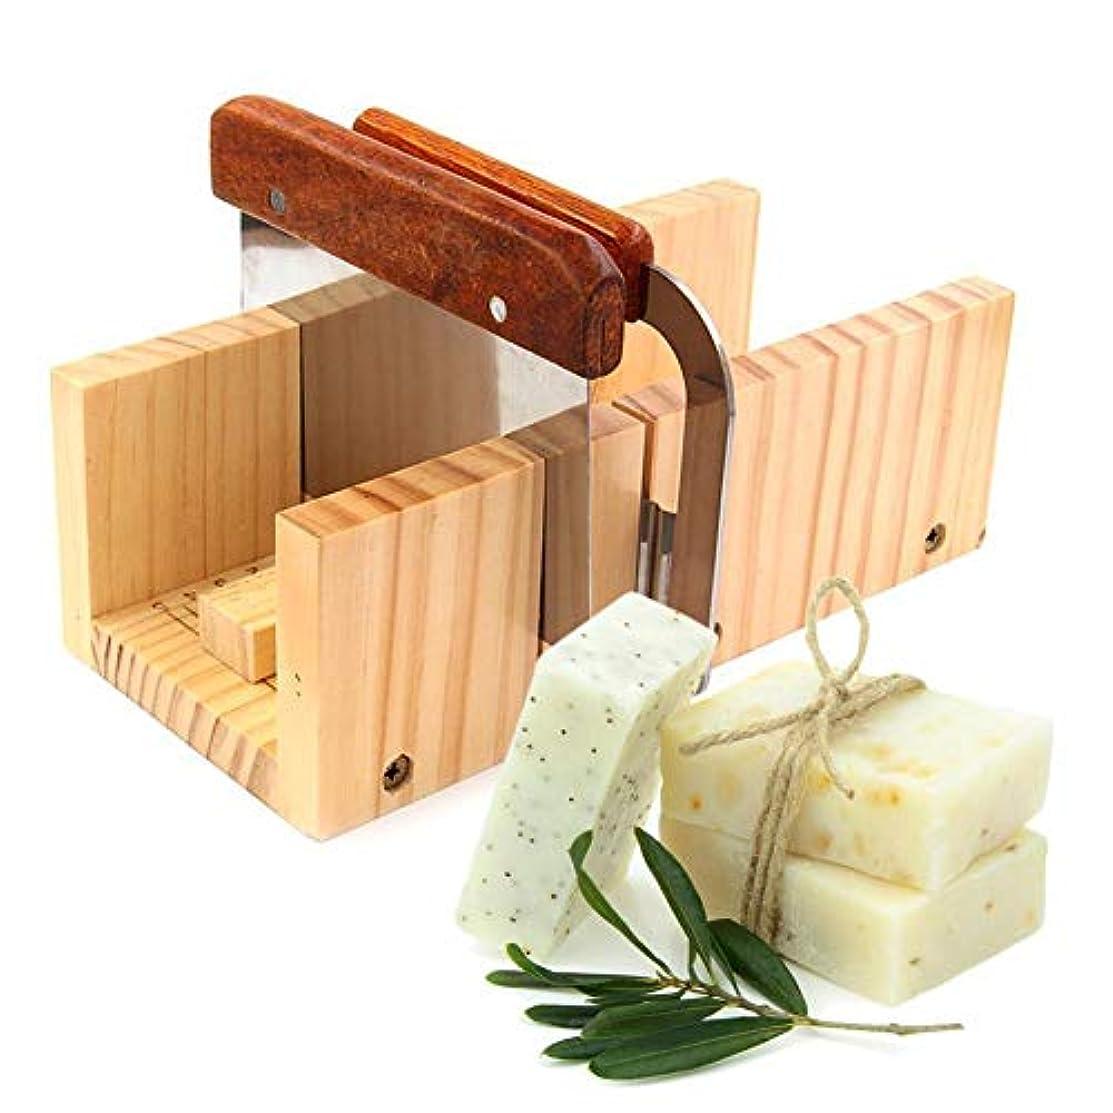 薬ガロン親指ソープモールド、調整可能、木製、ハンドメイド、石鹸、モールドアクセサリー、ストレートプレーナー付き